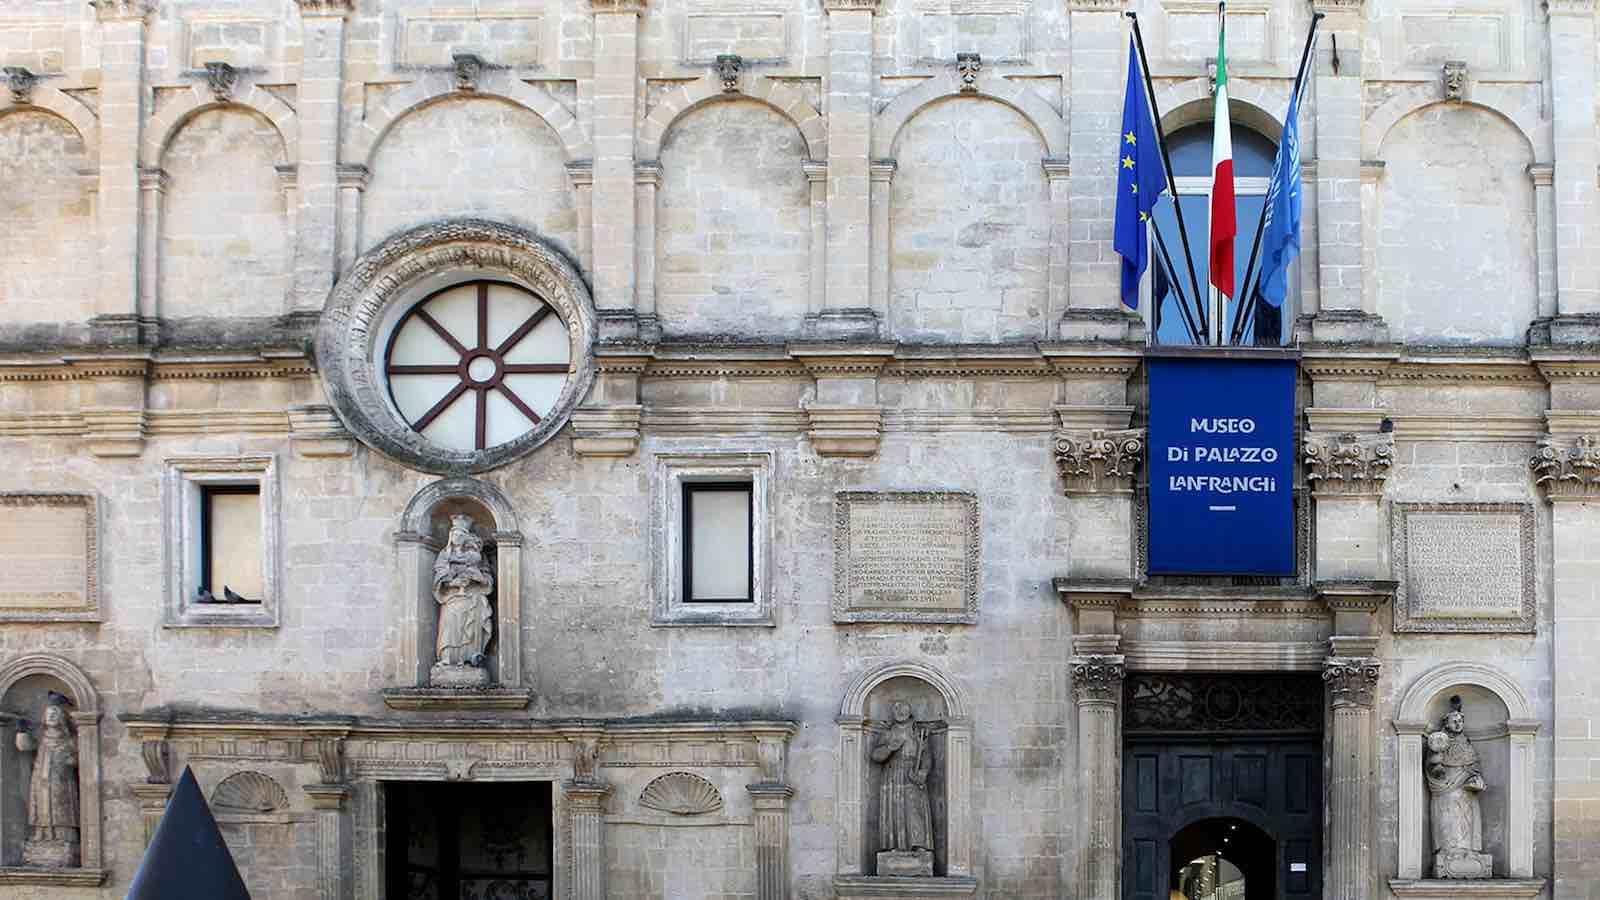 Facciata Palazzo Lanfranchi Matera Sud experience mice events